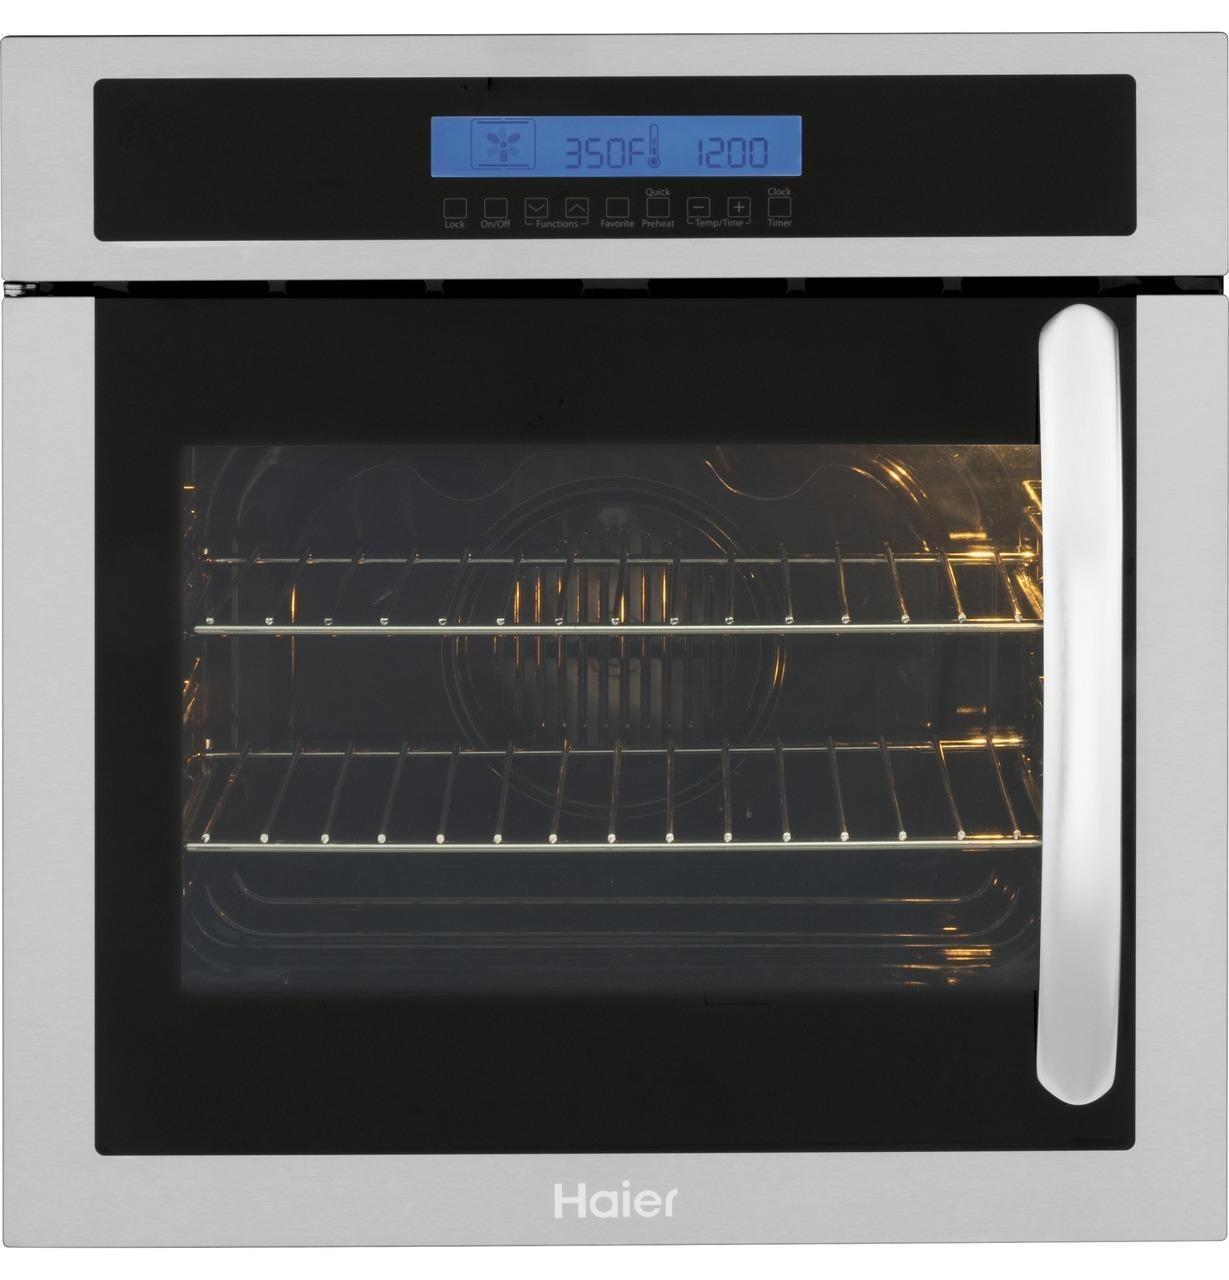 Haier Ovens